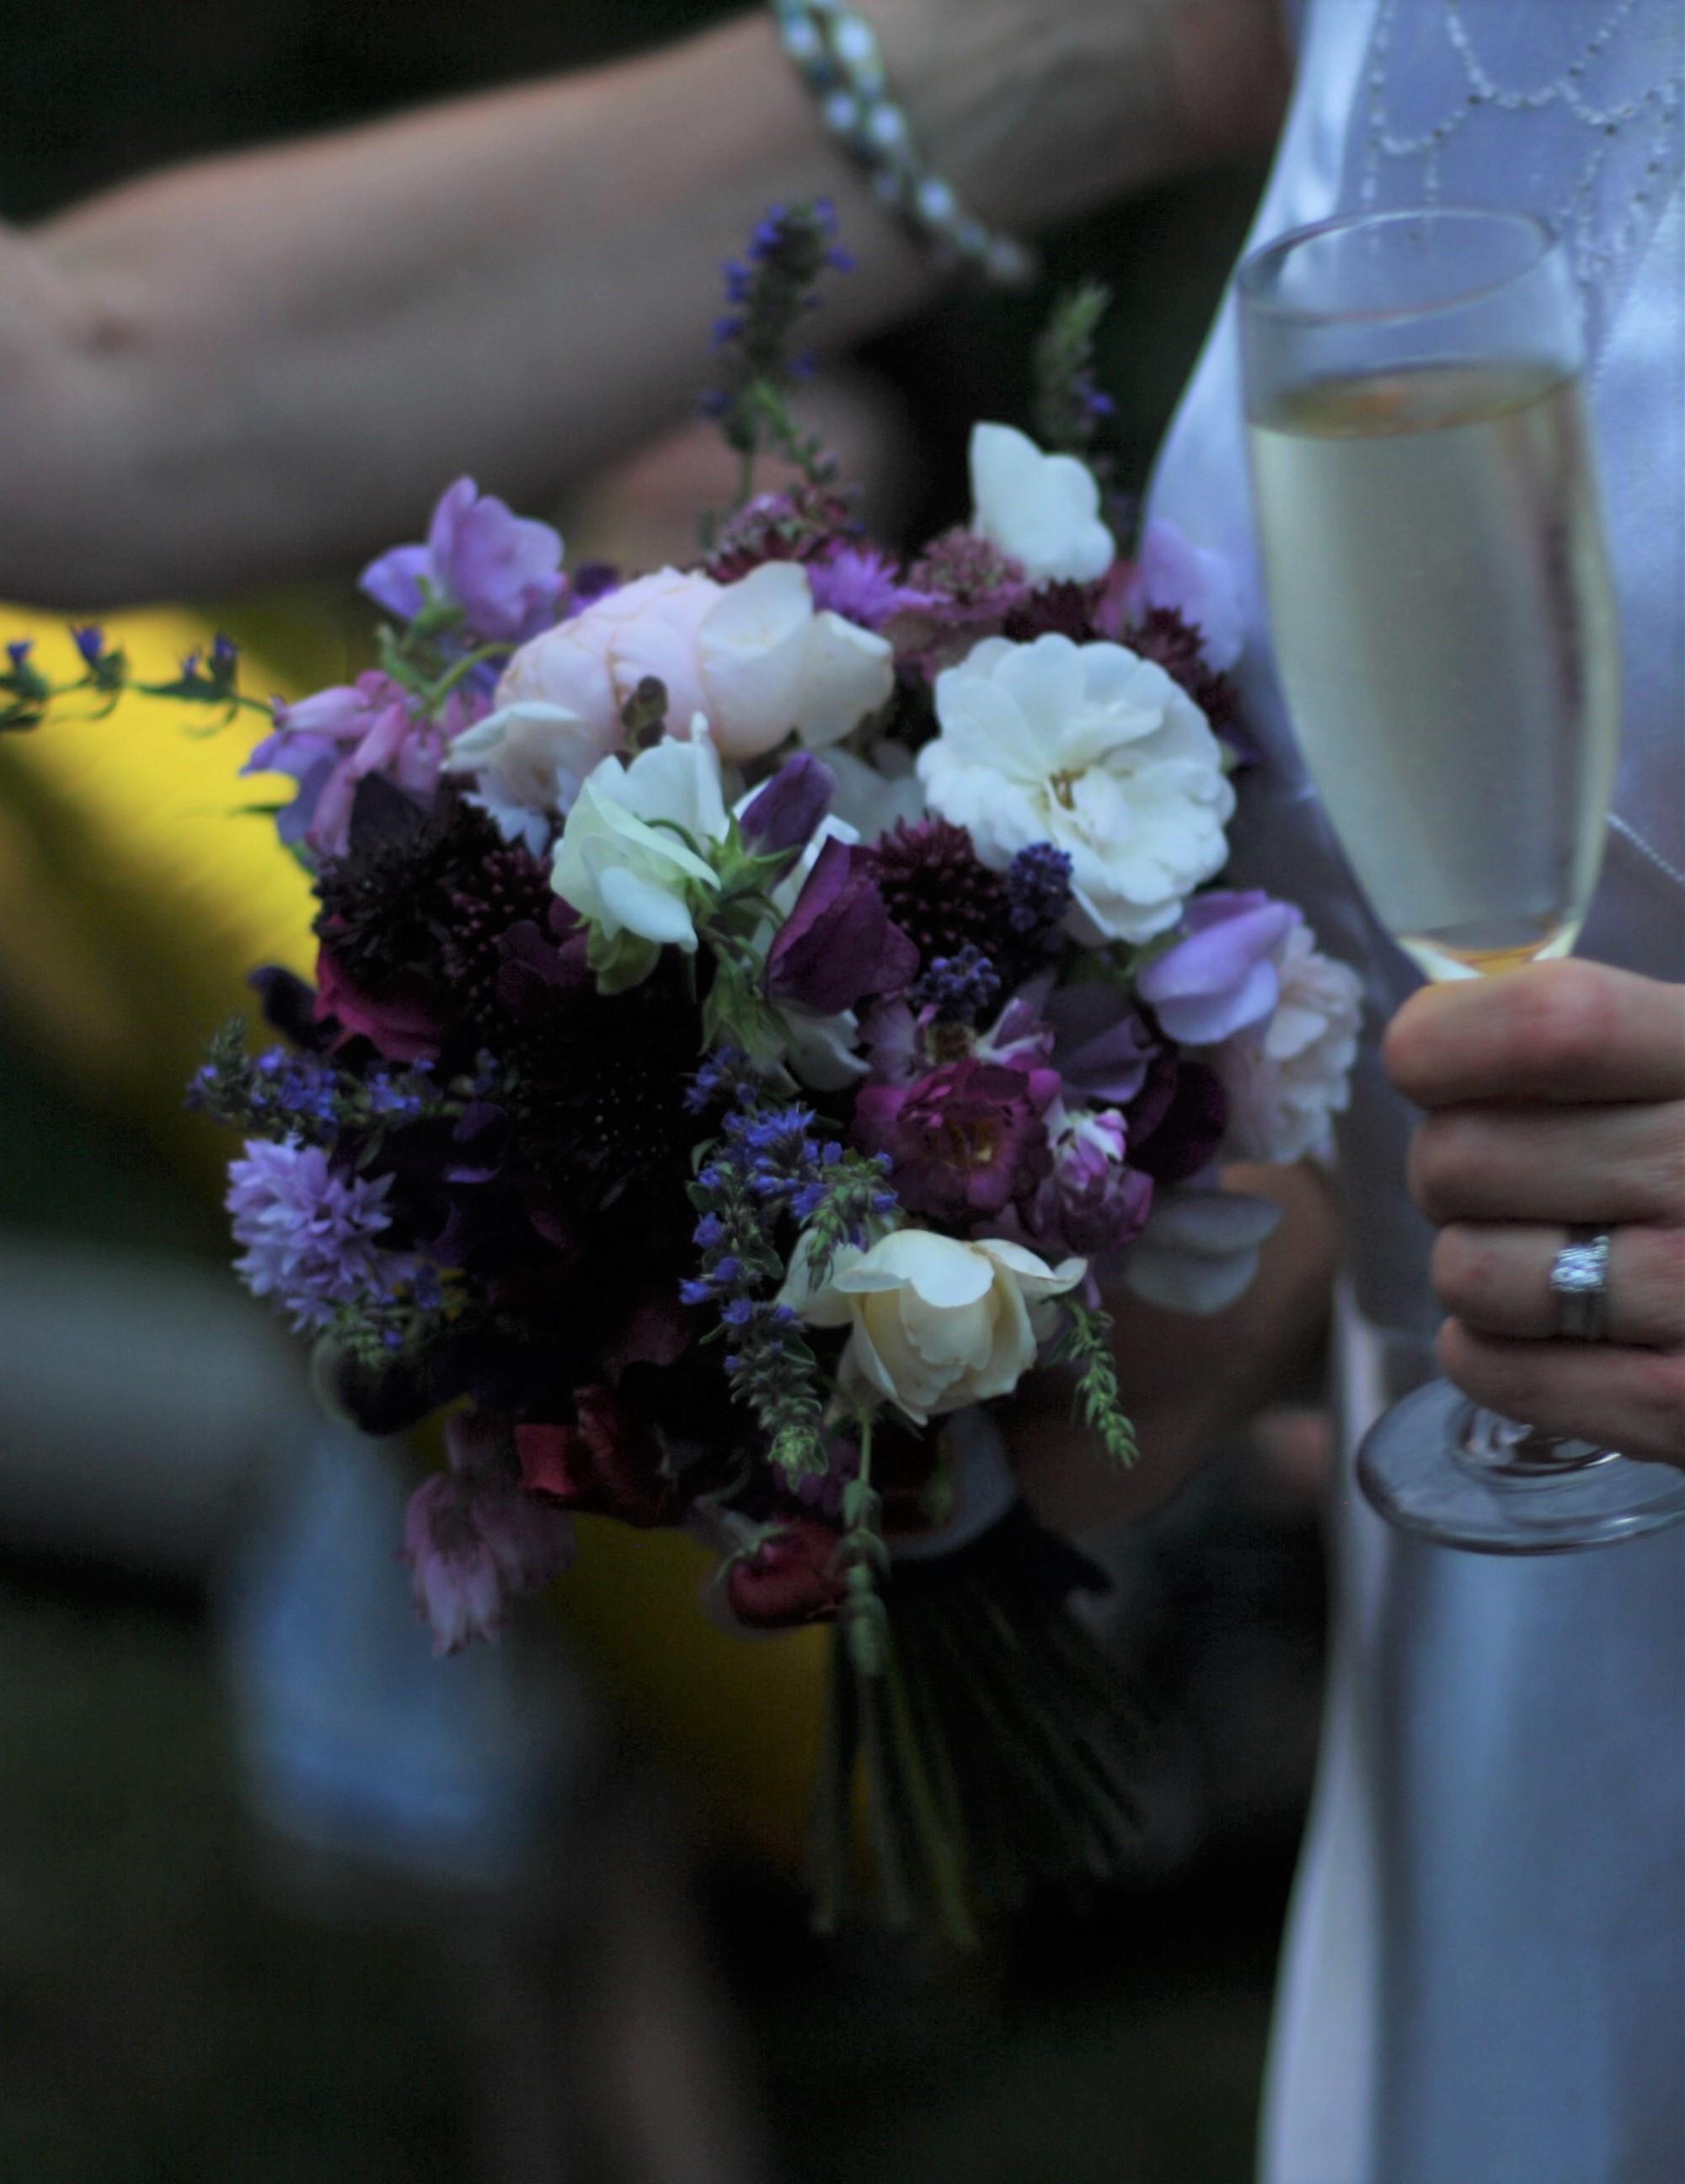 Bridal bouquet for a wedding at Windhorse Farm, Nova Scotia.